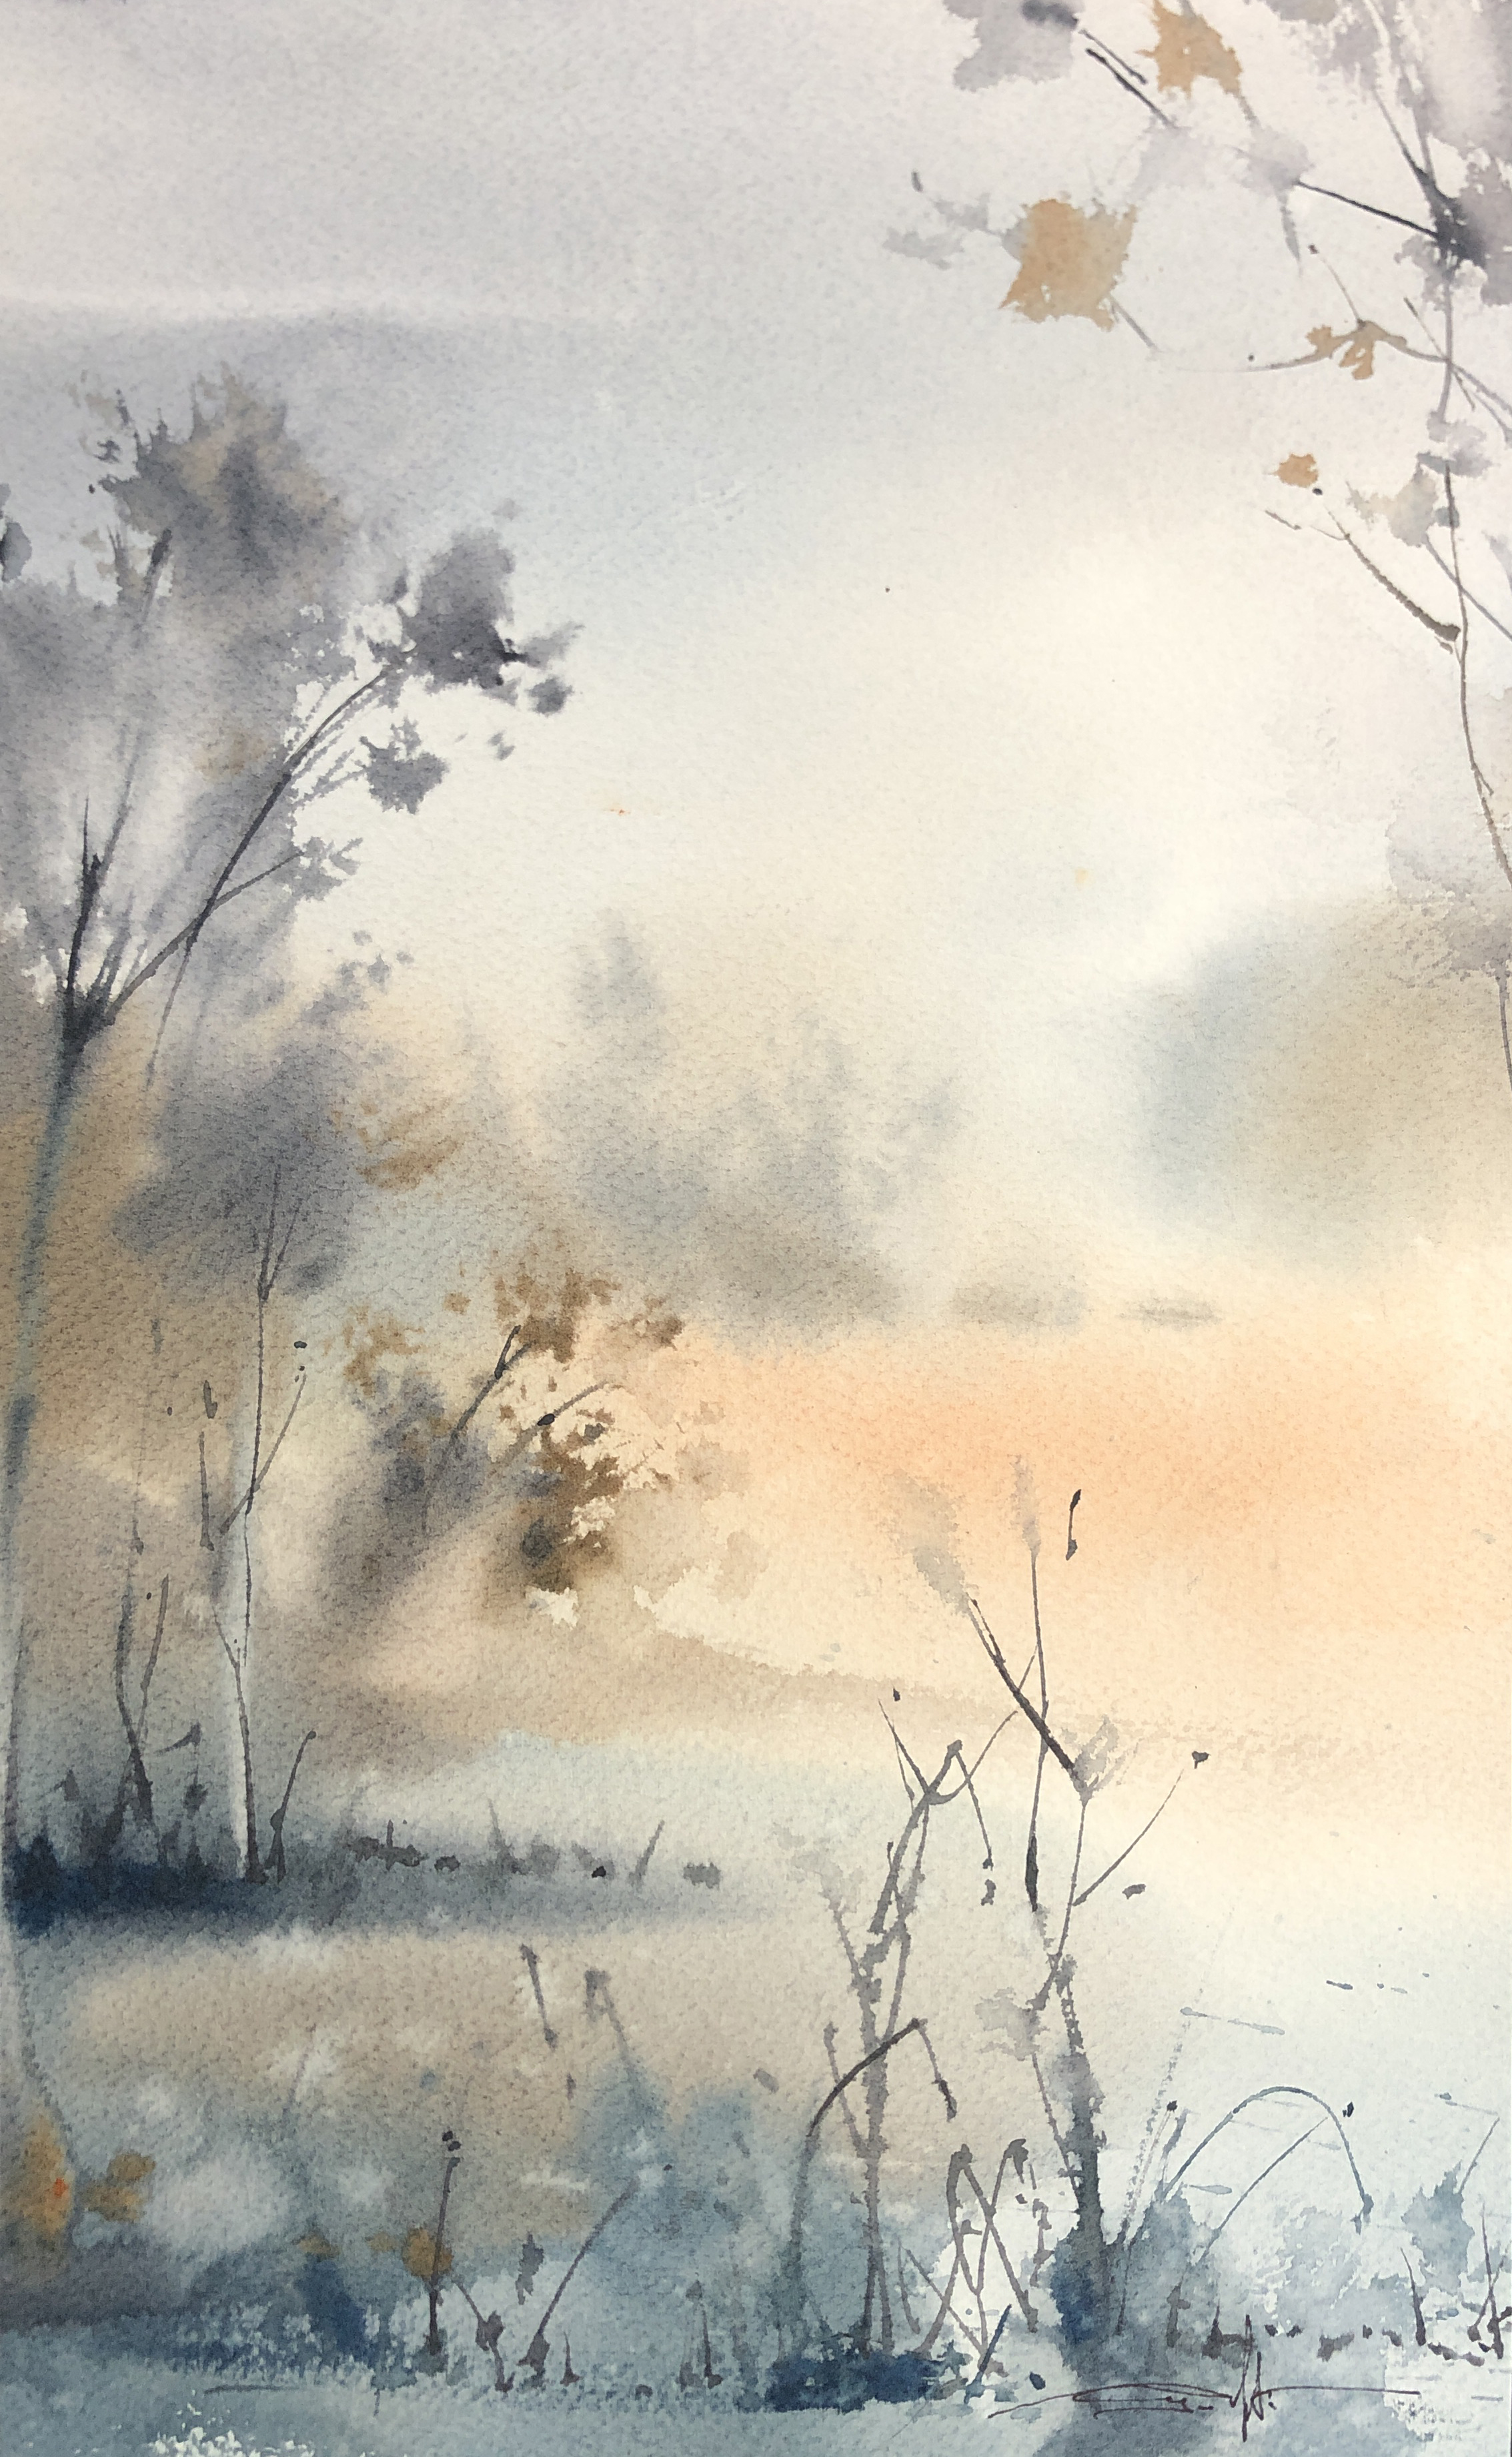 Mist Morning 2